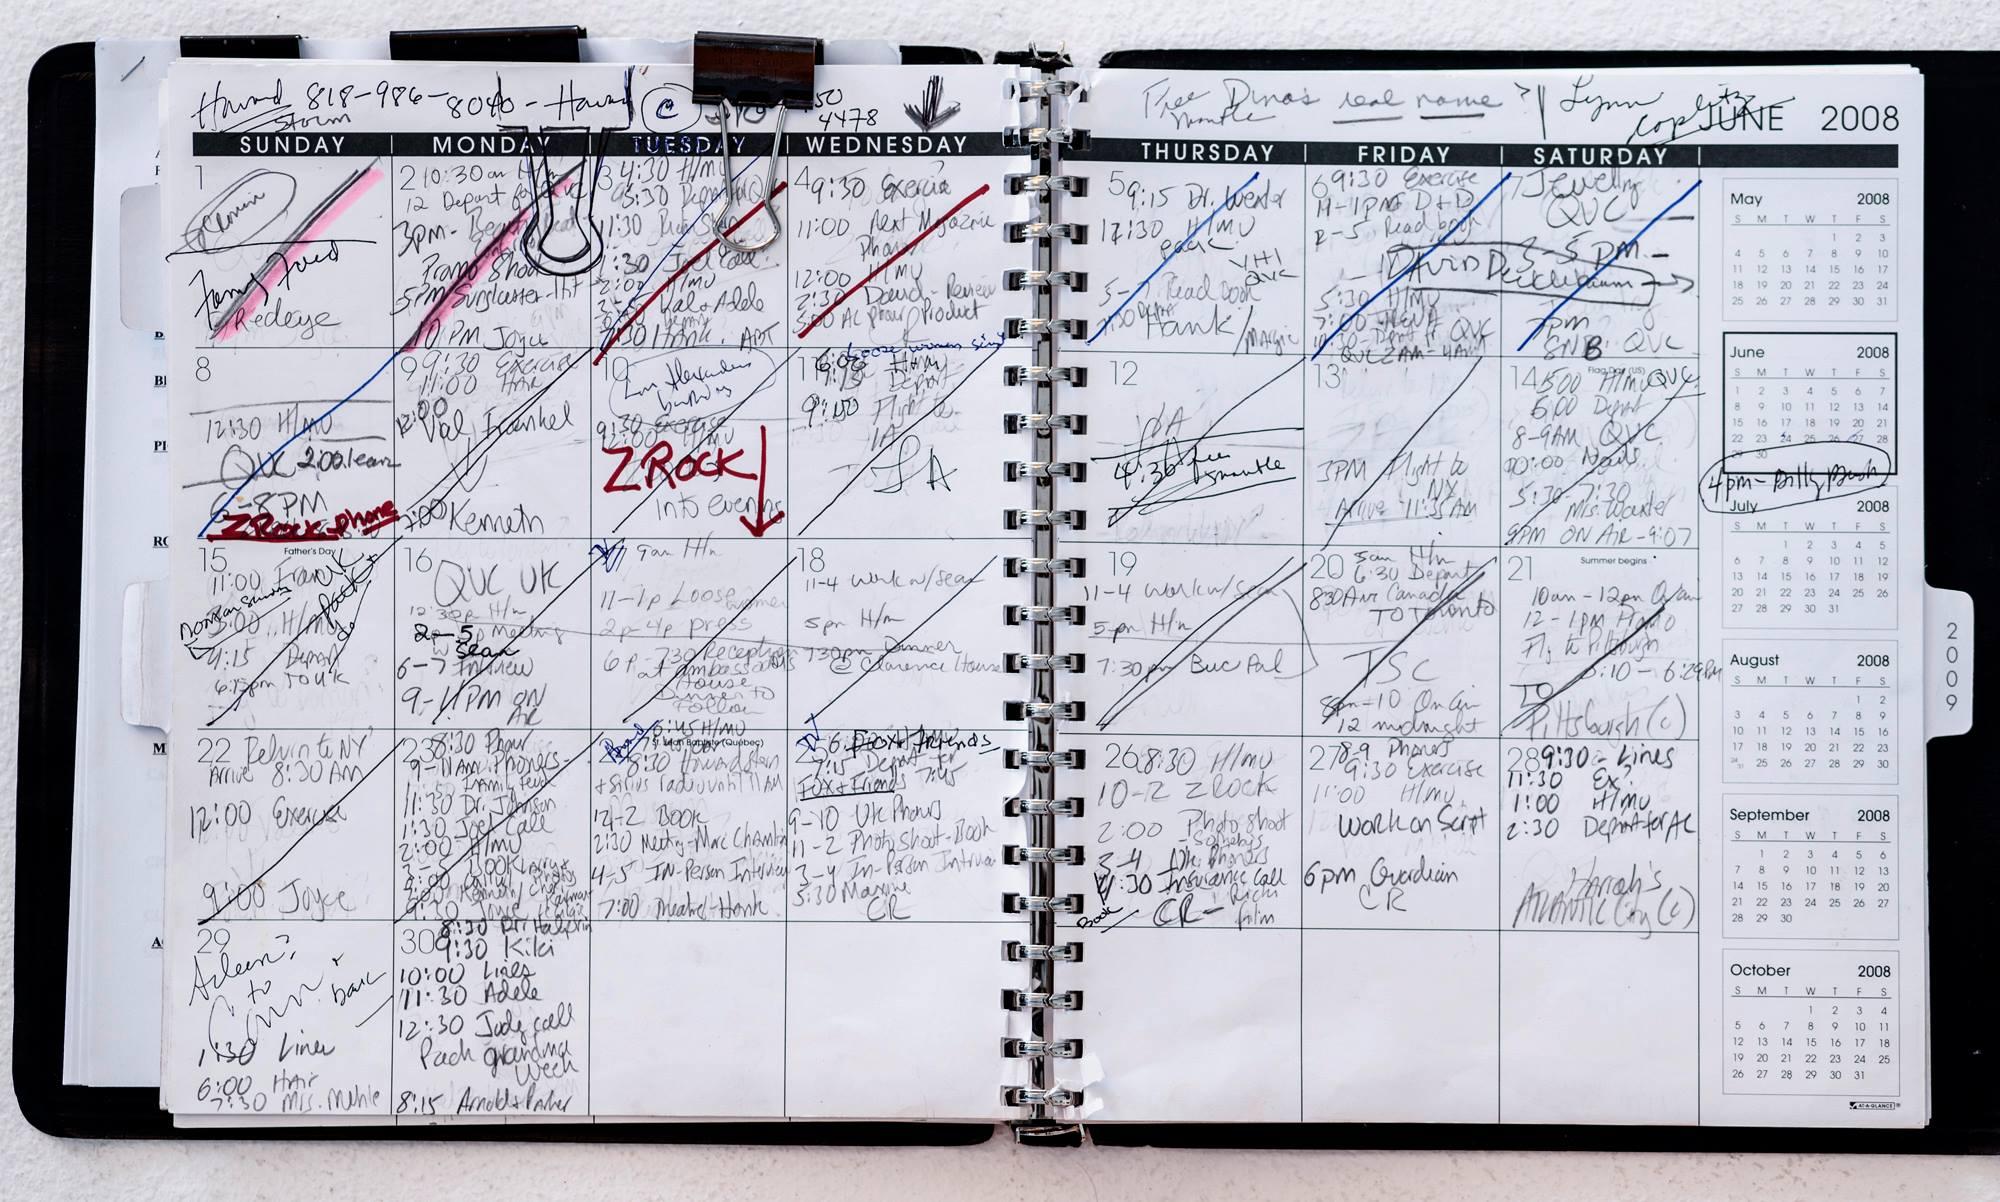 Joan's Calendar